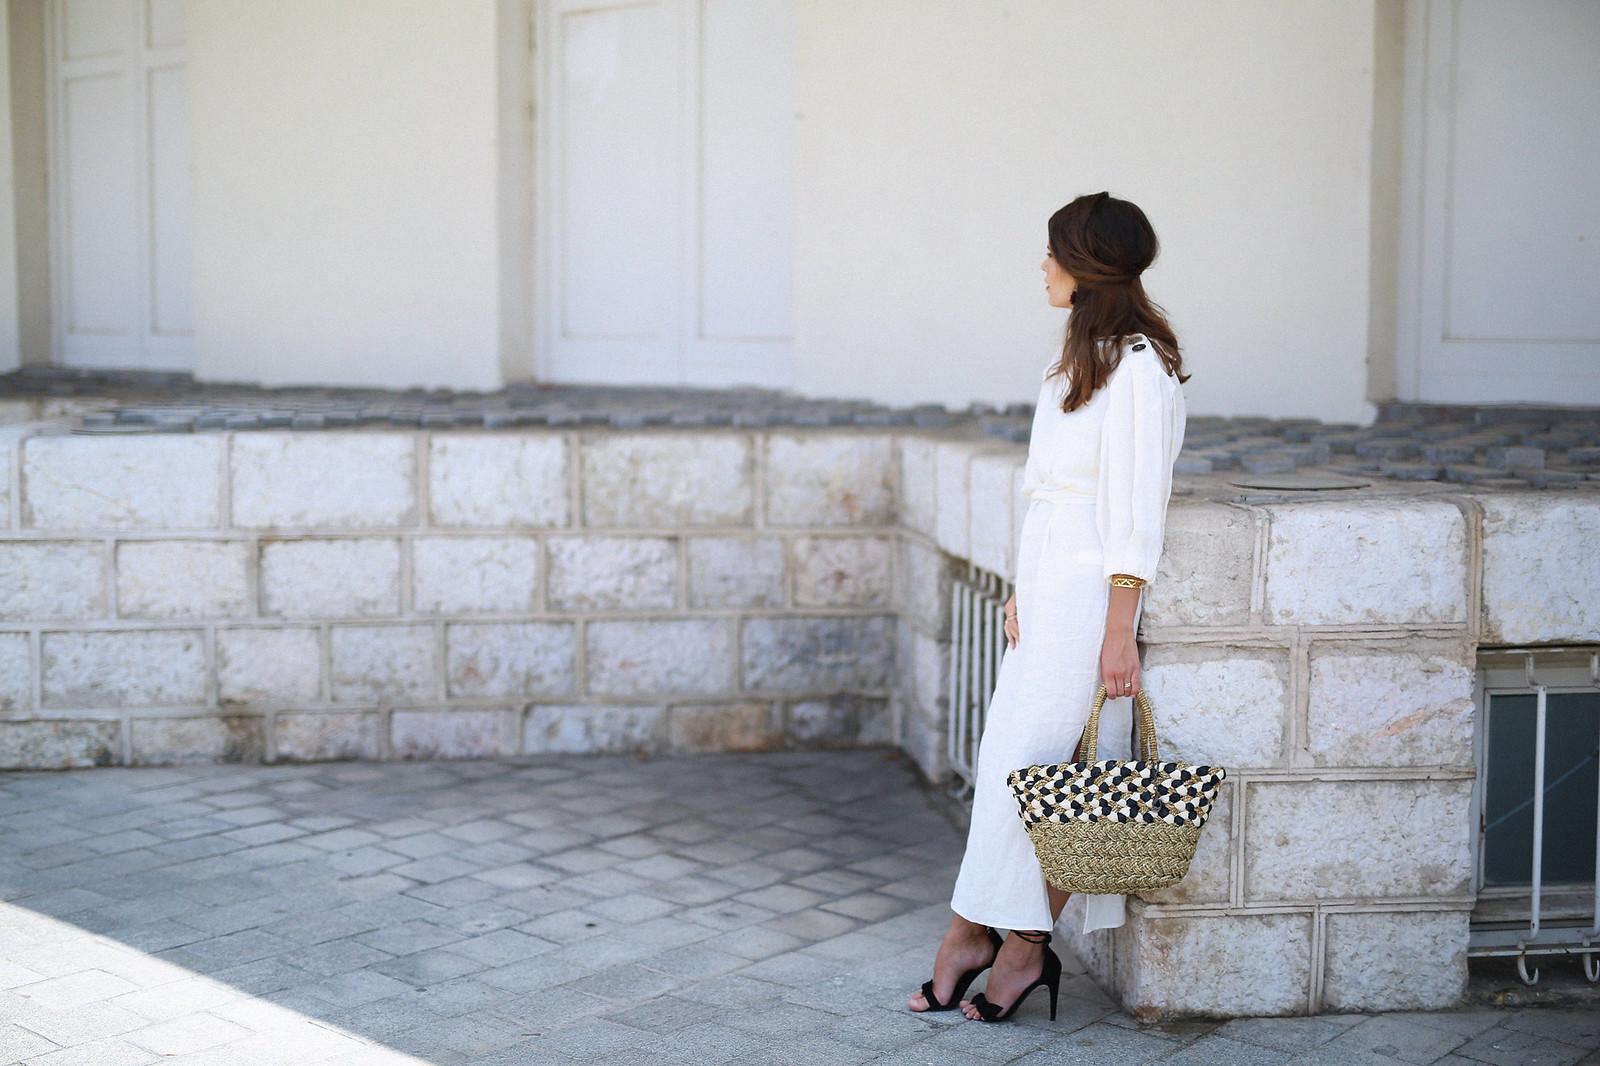 jessie chanes seams for a desire zara vestido lino capazo rafia-3